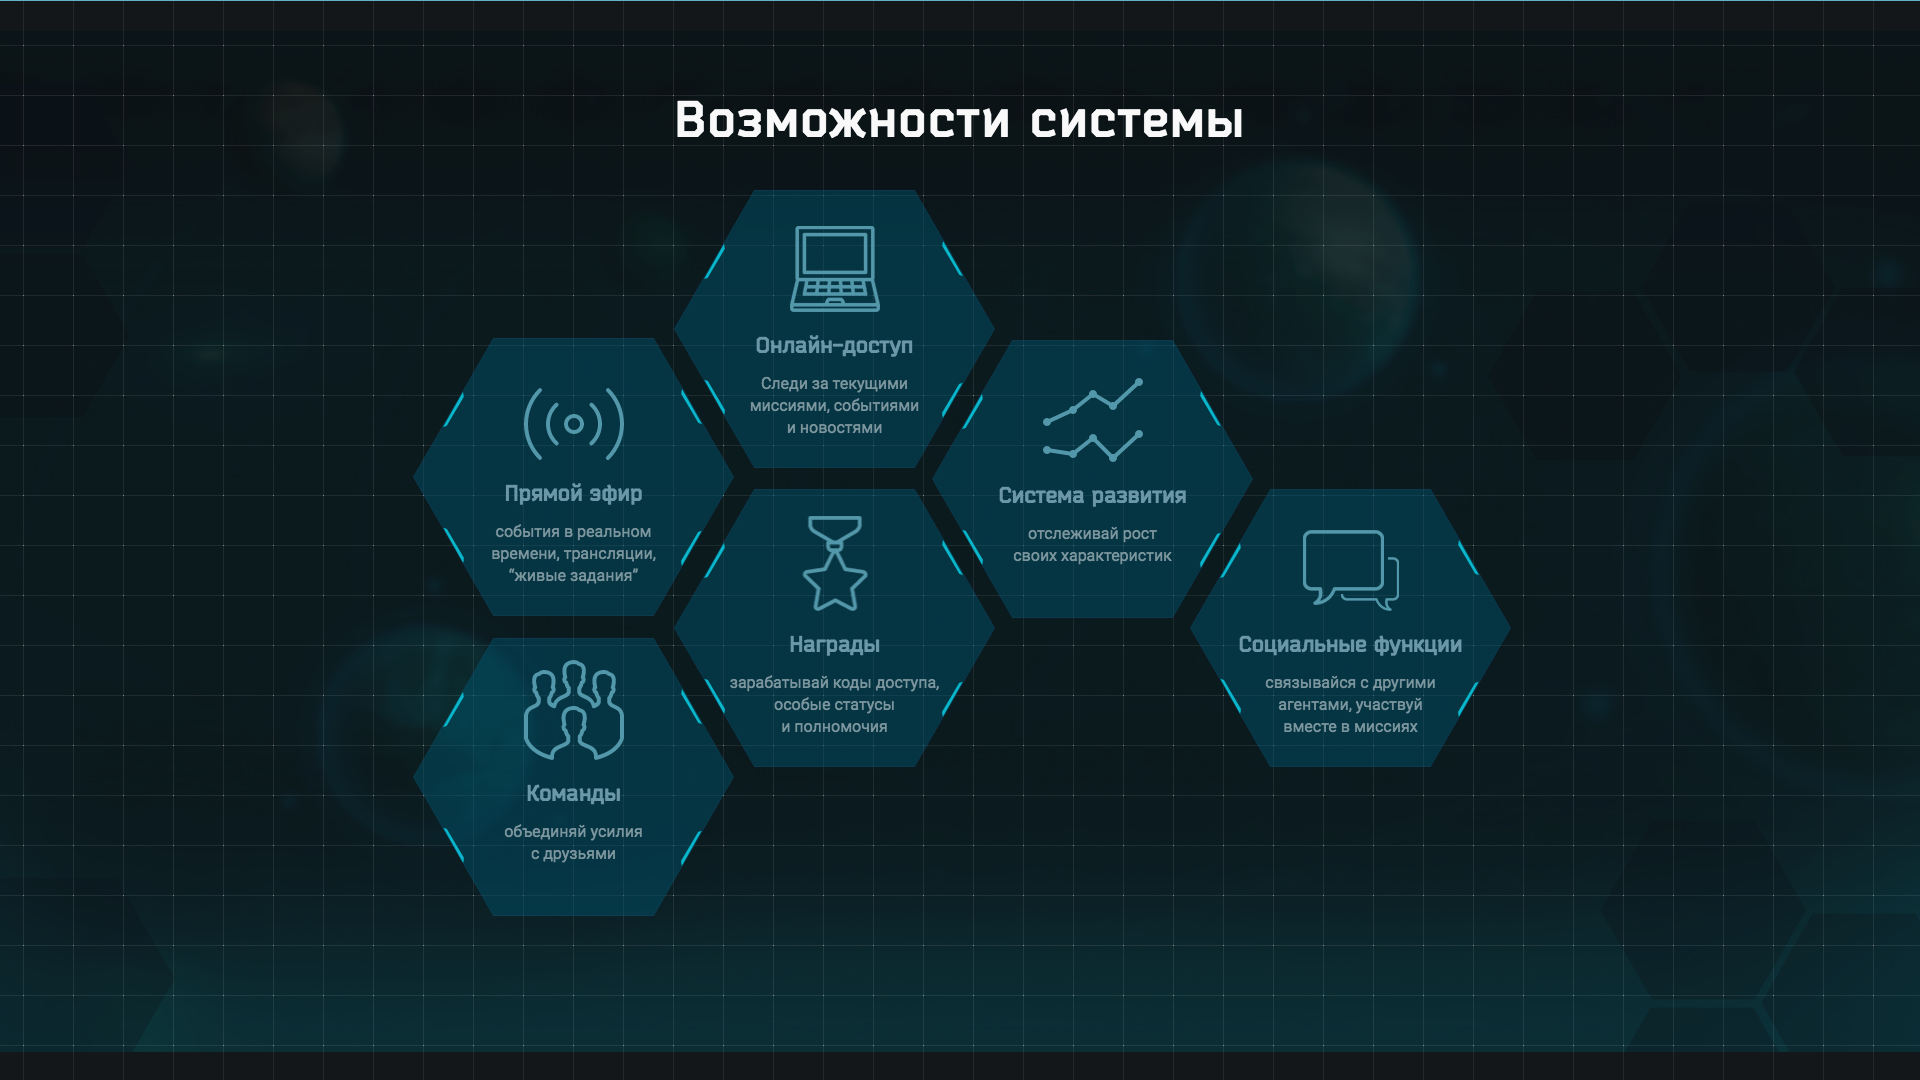 Проектирование и дизайн игровой образовательной платформы «Агенты будущего»